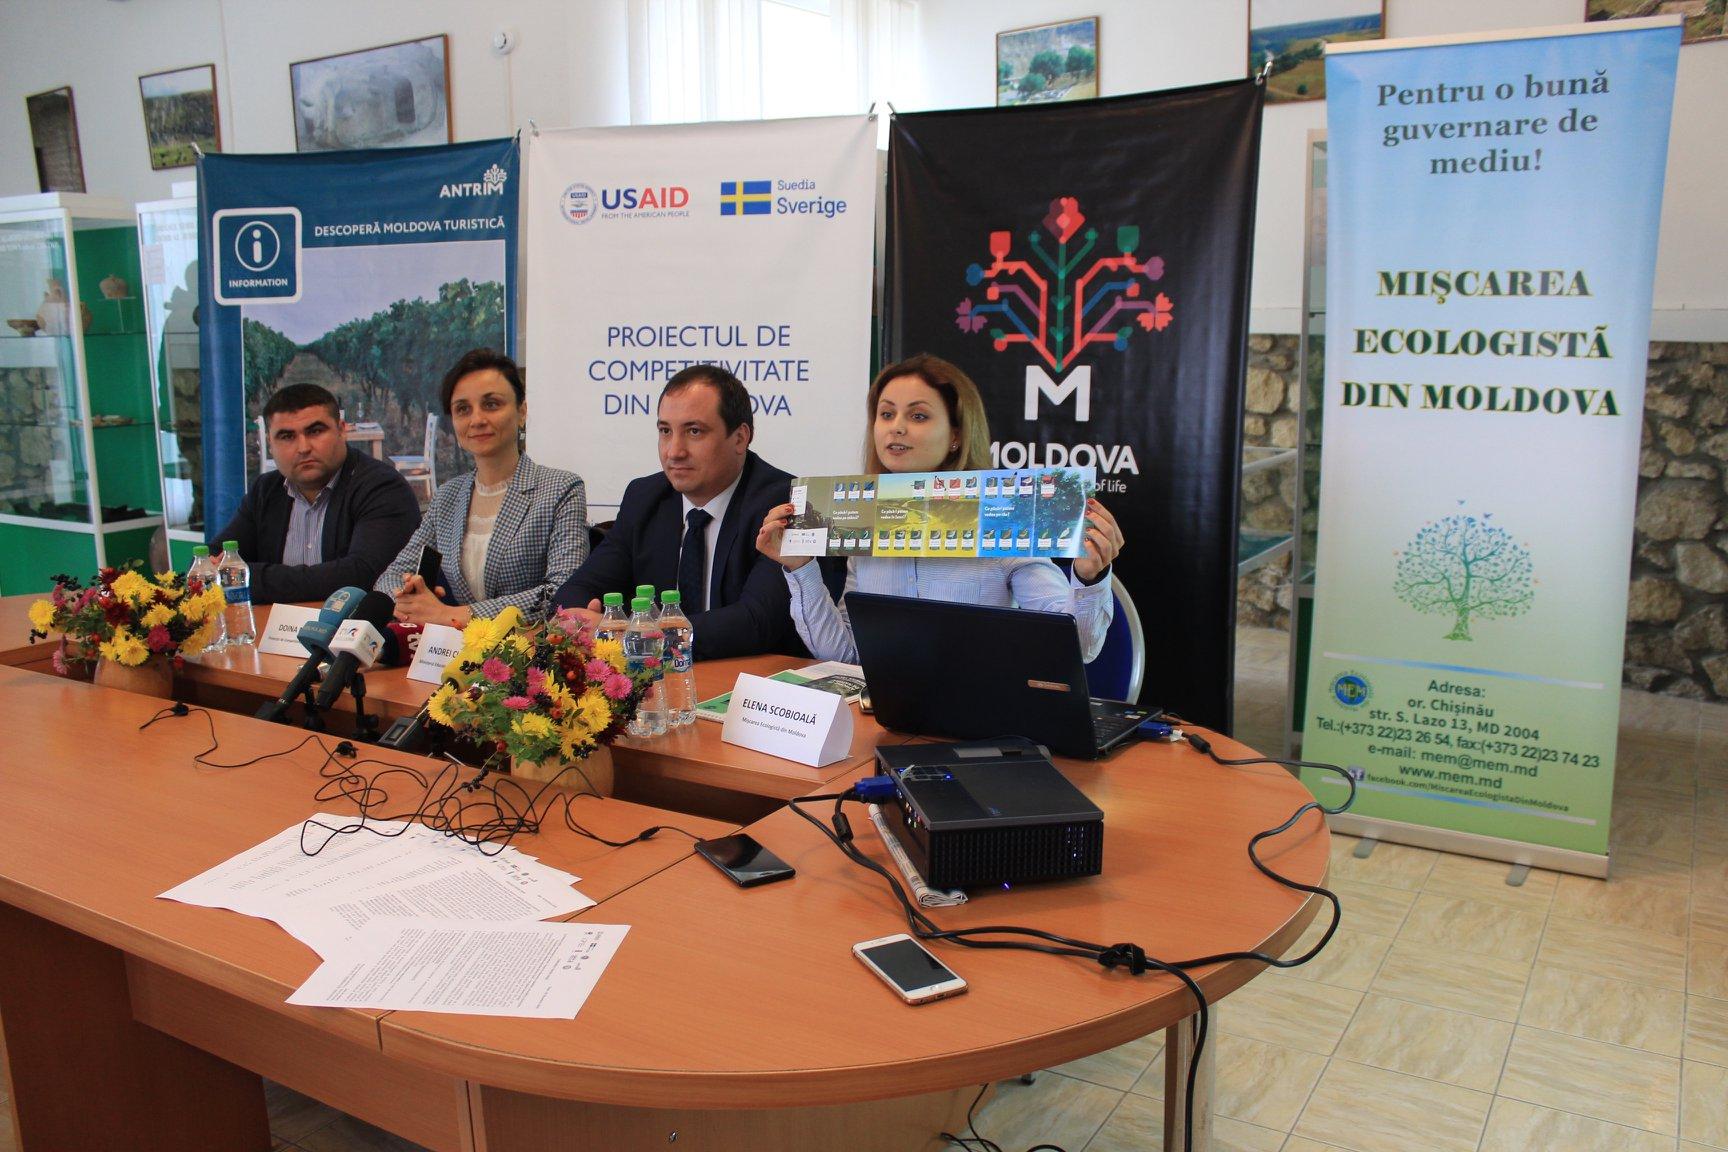 Conferința de prezentare a traseelor de observare a păsărilor, drumeţii şi cicloturism în arealul Rezervaţiei cultural-naturale Orheiul Vechi